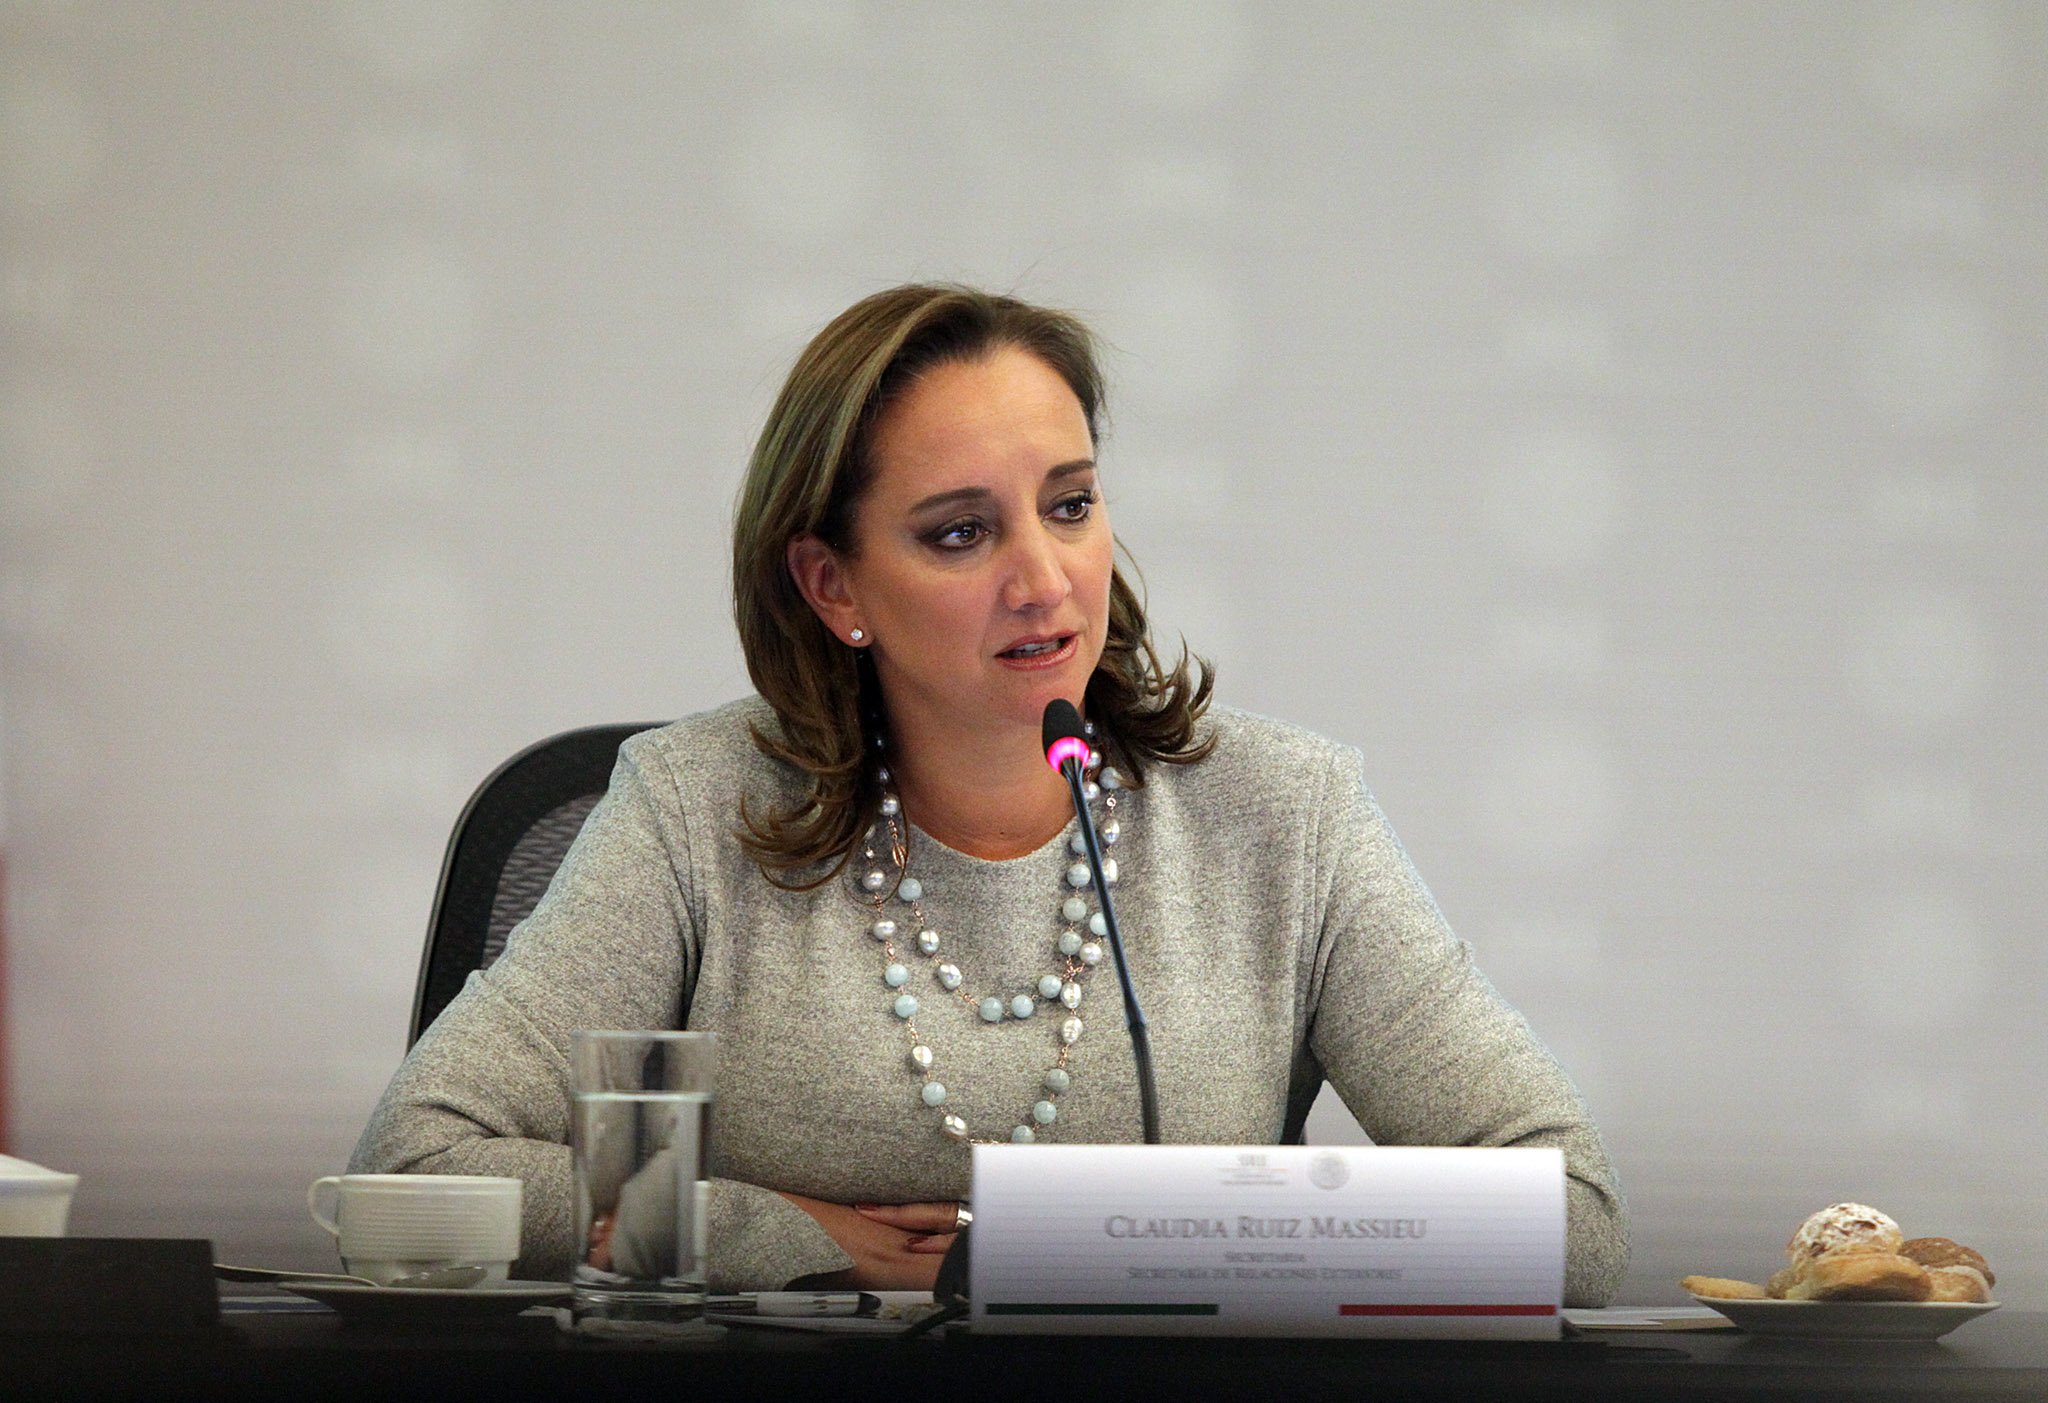 FOTO 2 Canciller Claudia Ruiz Massieu en la Reuni n de Coordinaci n Intersecretarial para Atenci n de Obligaciones en Materia de G nero.jpg